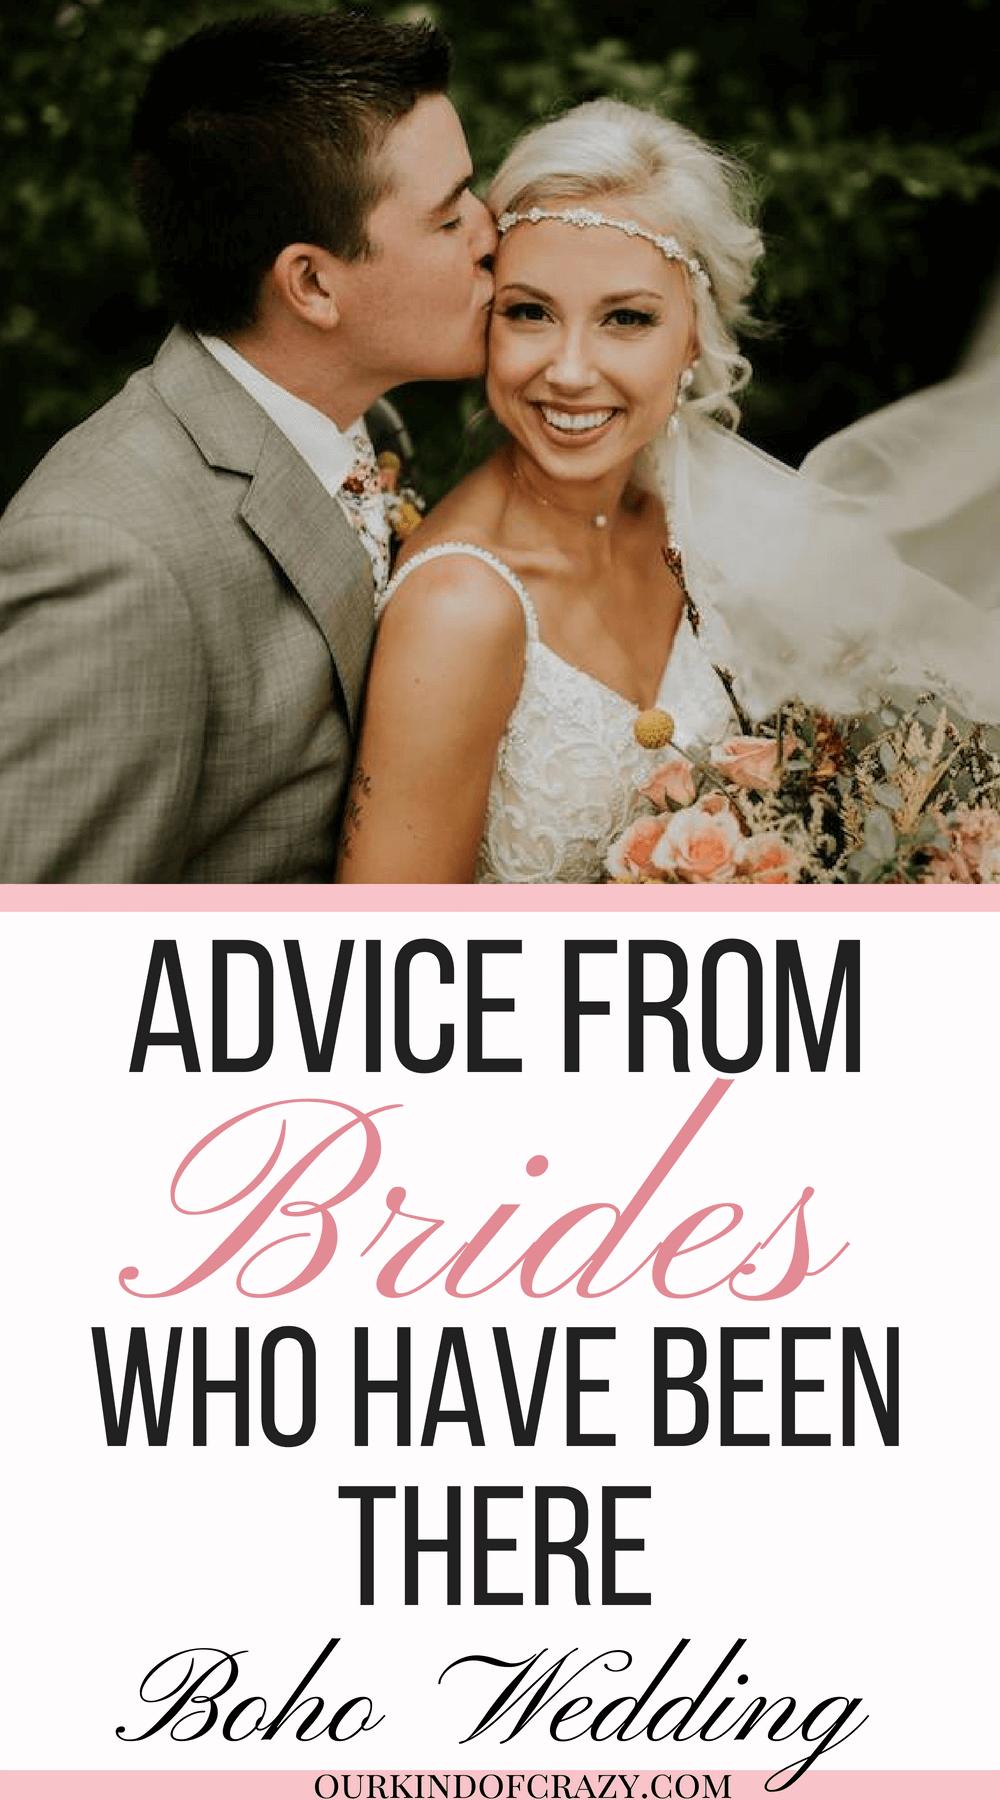 Boho Wedding Ideas, Wedding Planning Advice for a Boho Wedding